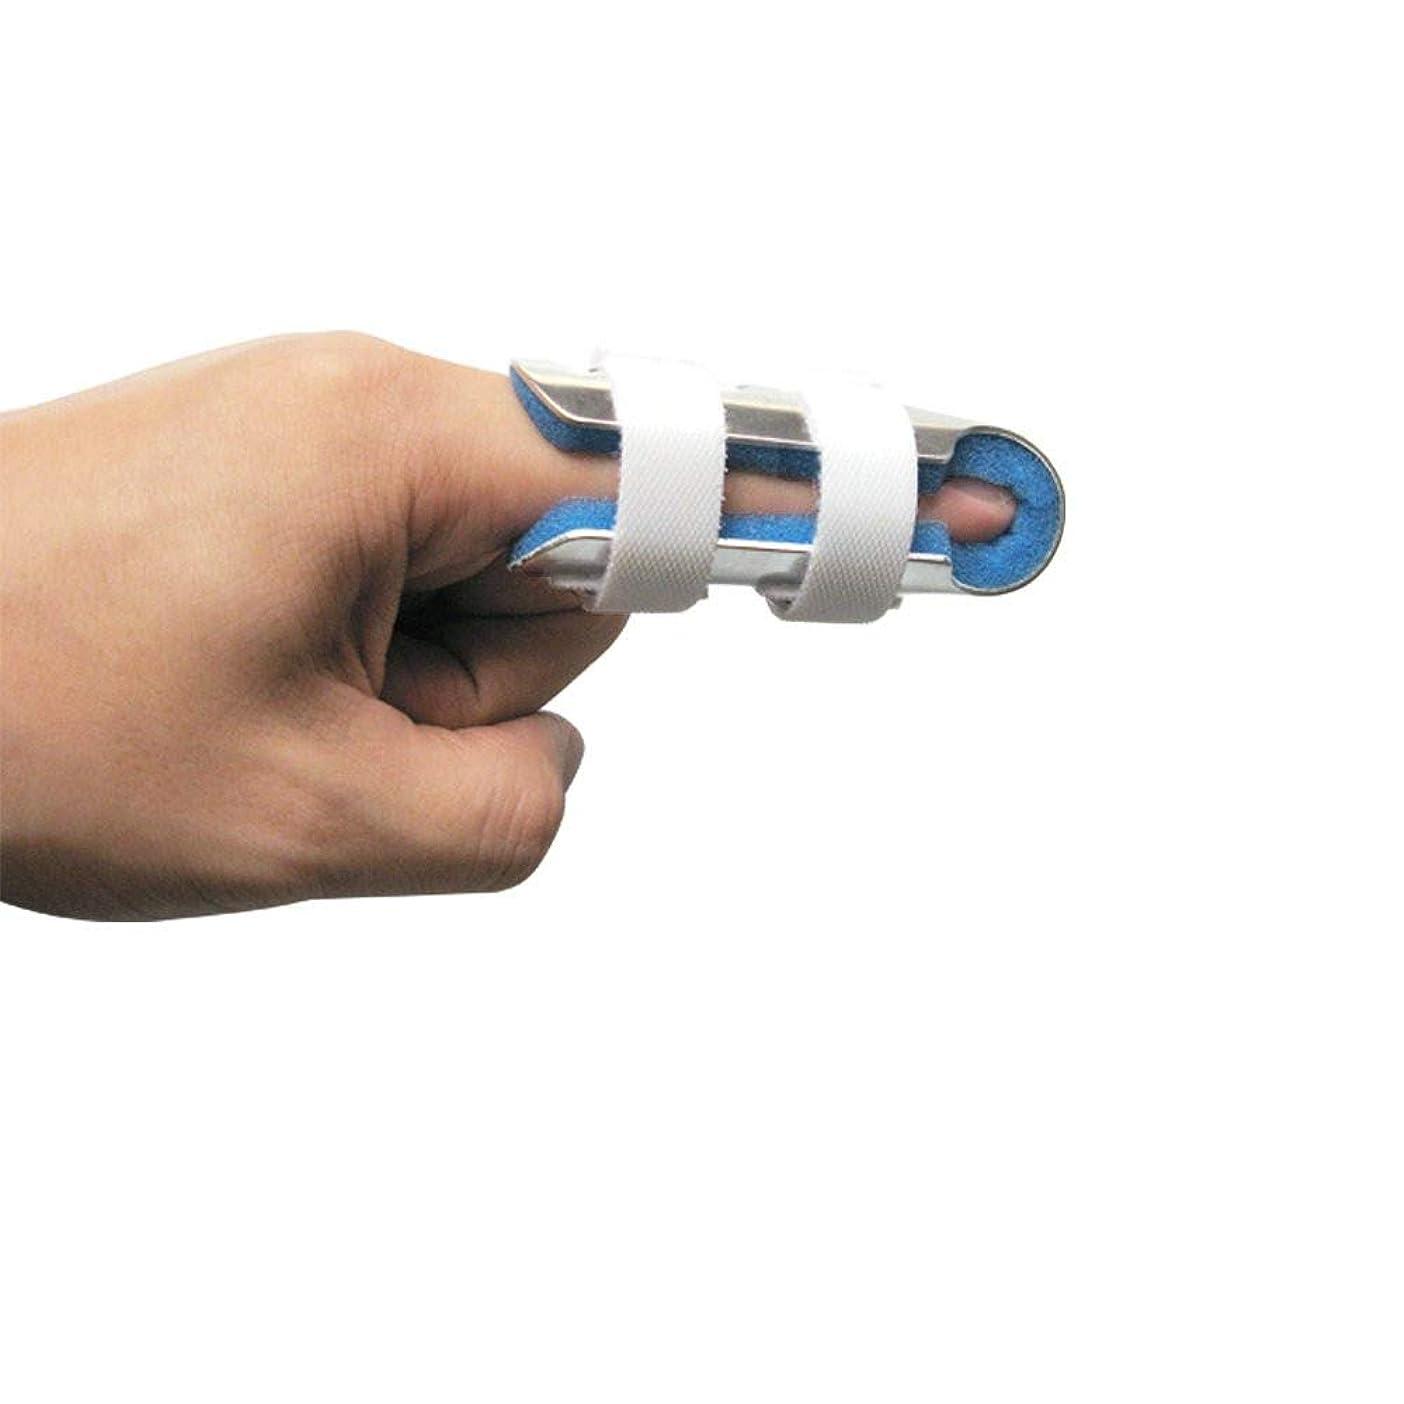 大使館枠にんじん指の関節固定用の柔らかいフォームの内部ループストラップと保護穴を備えた指の副木大人と子供,S